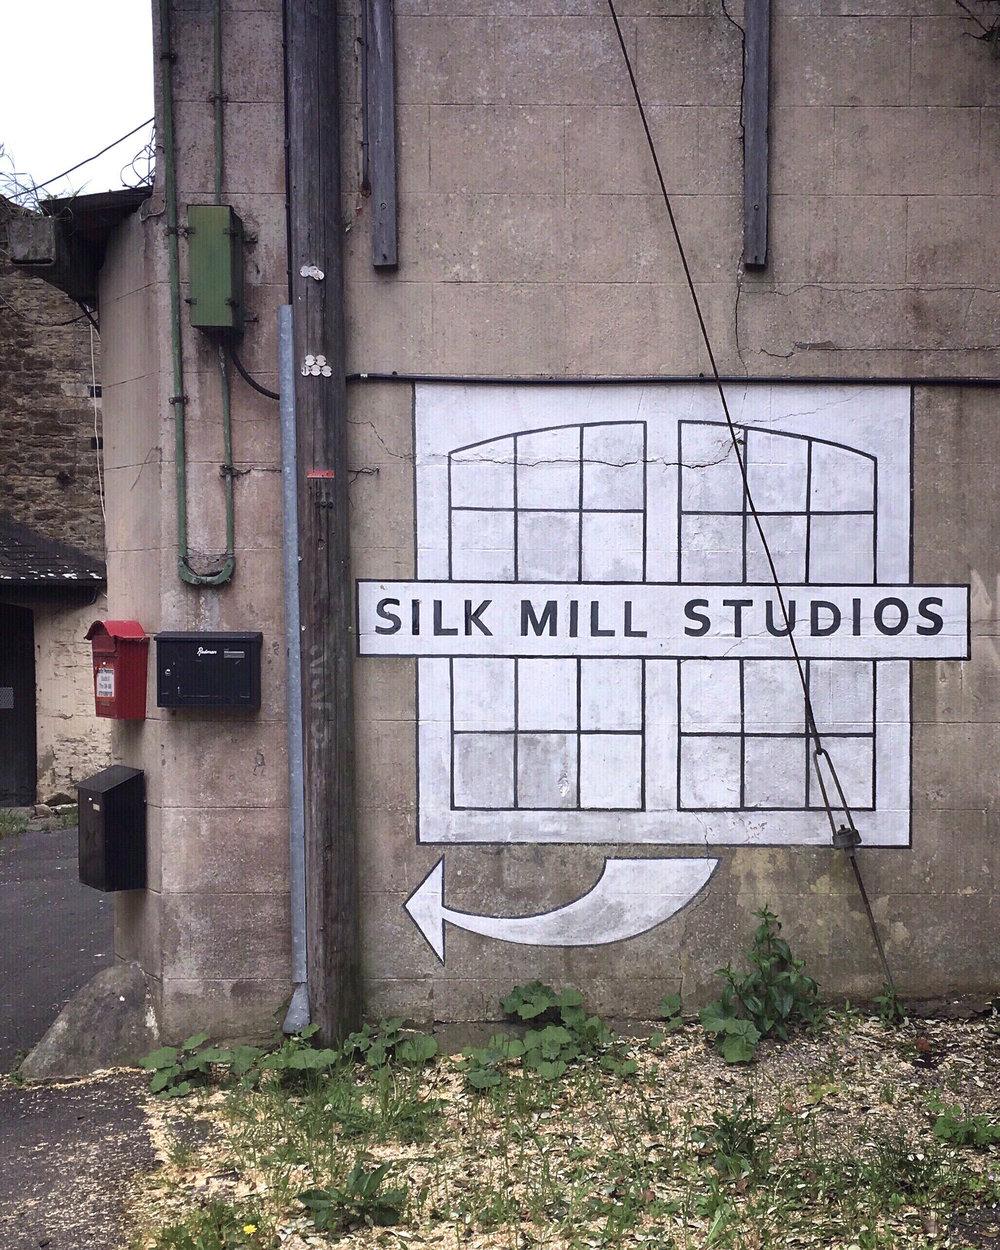 Silk Mill Studios, Froome, © Sarah Willard Couture 2018